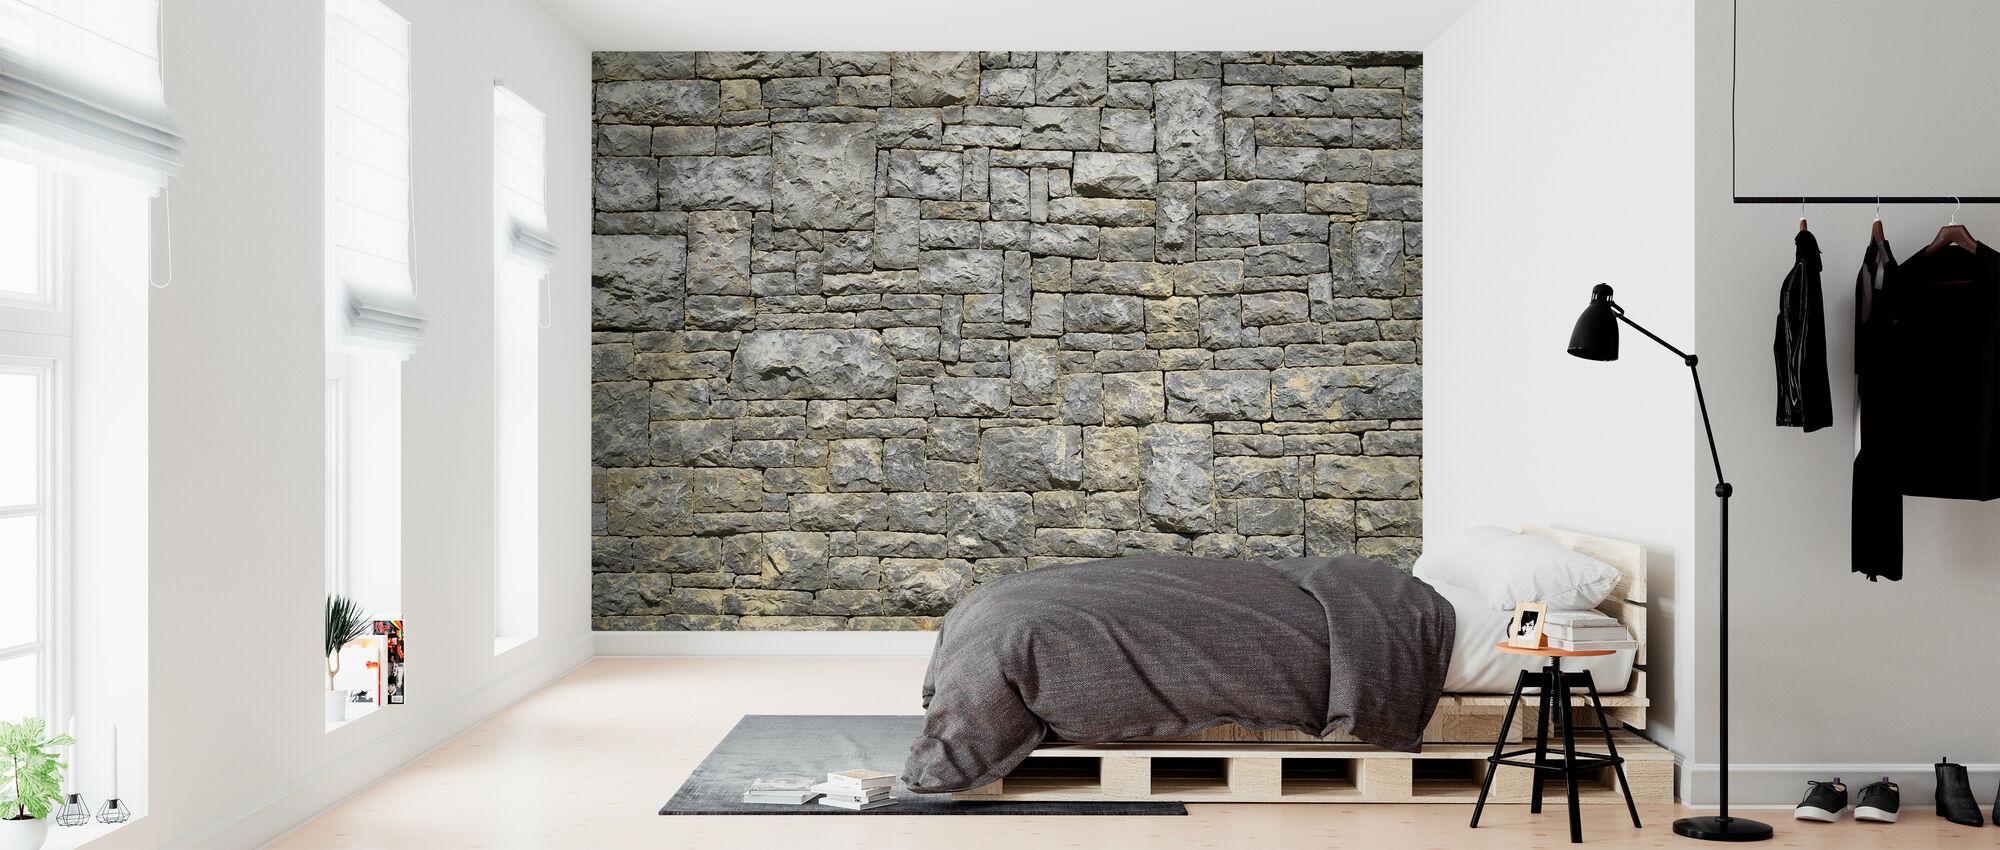 Mur z cegły granitowej - Tapeta - Sypialnia